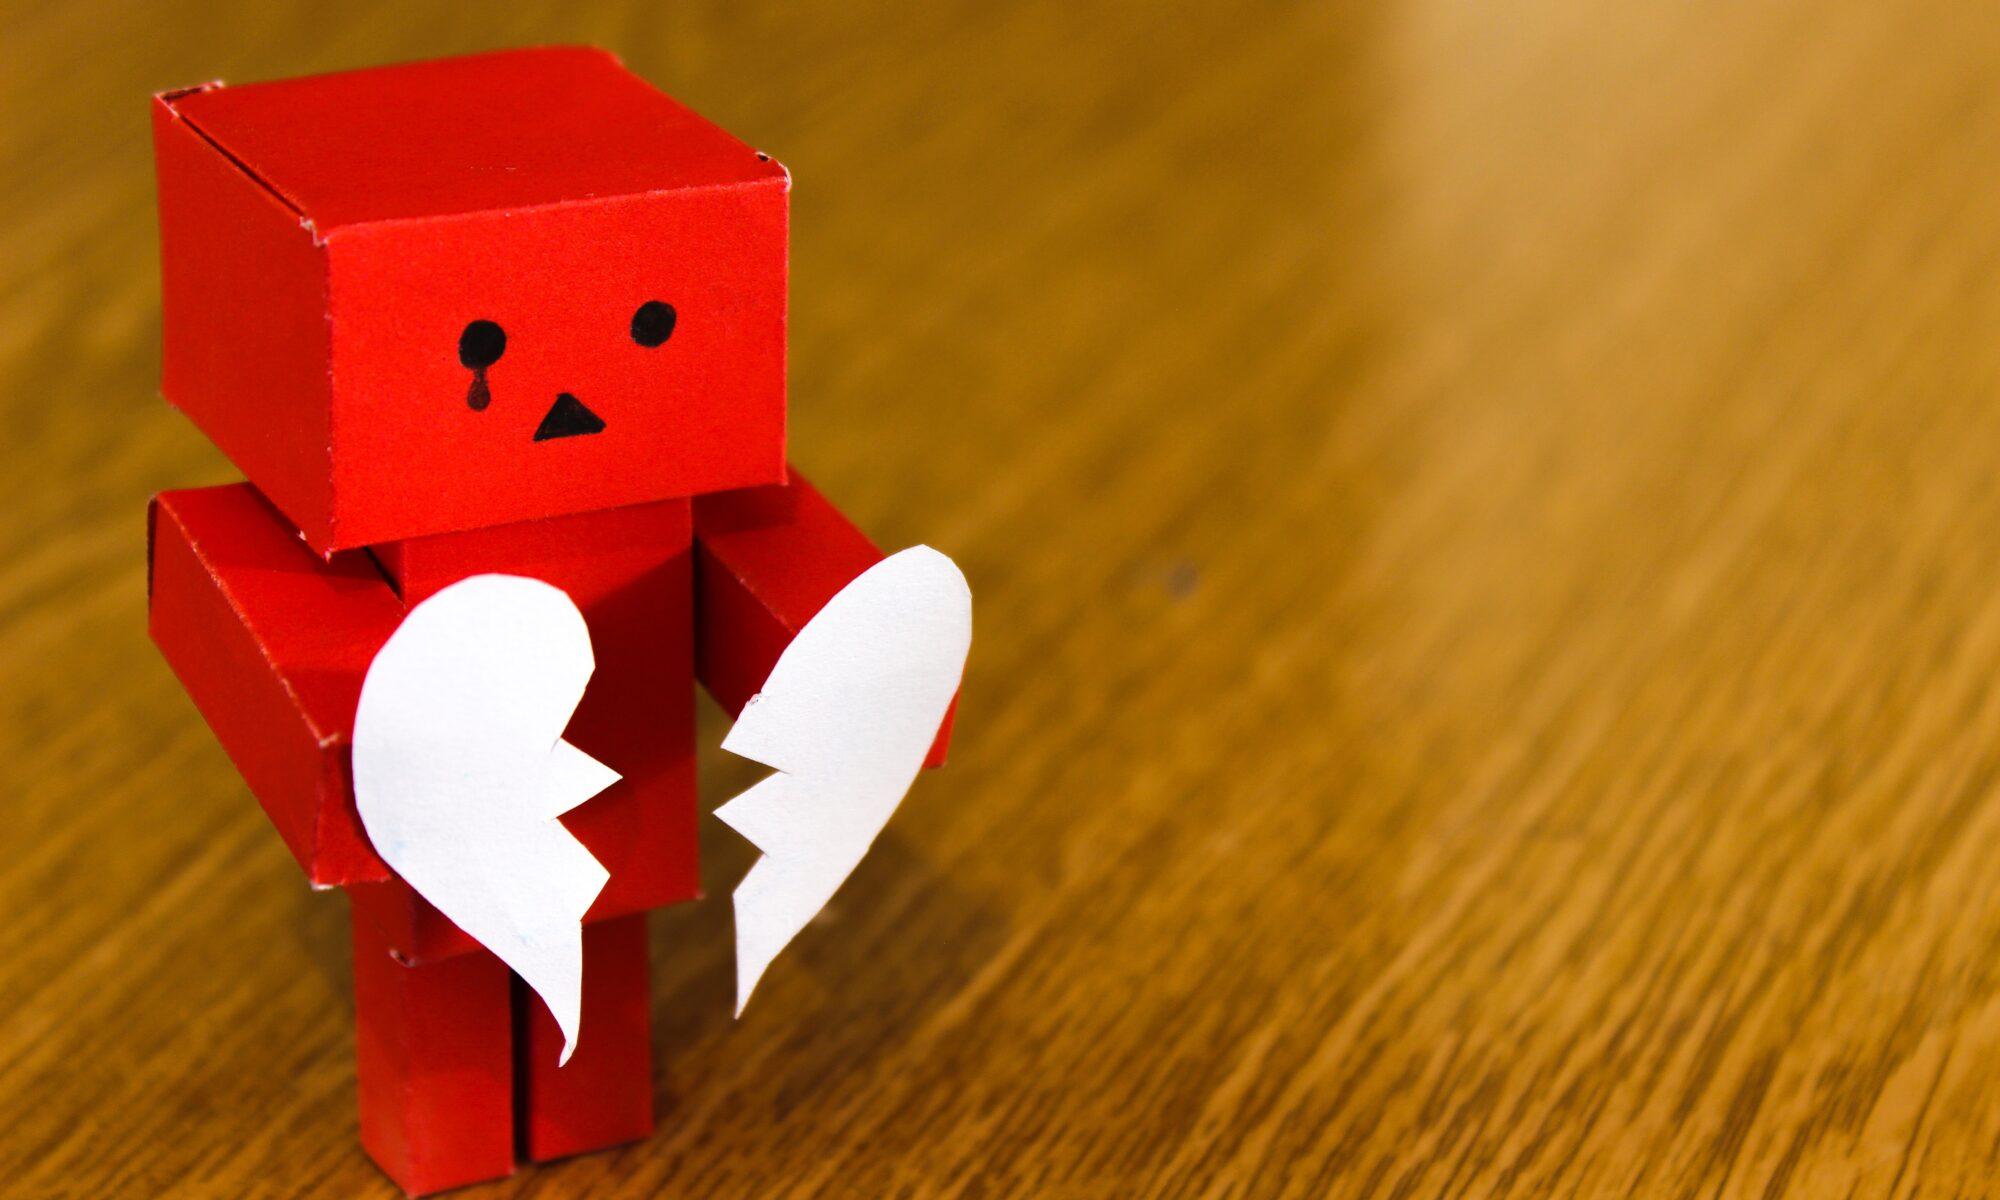 Papiermännchen mit gebrochenem Herz